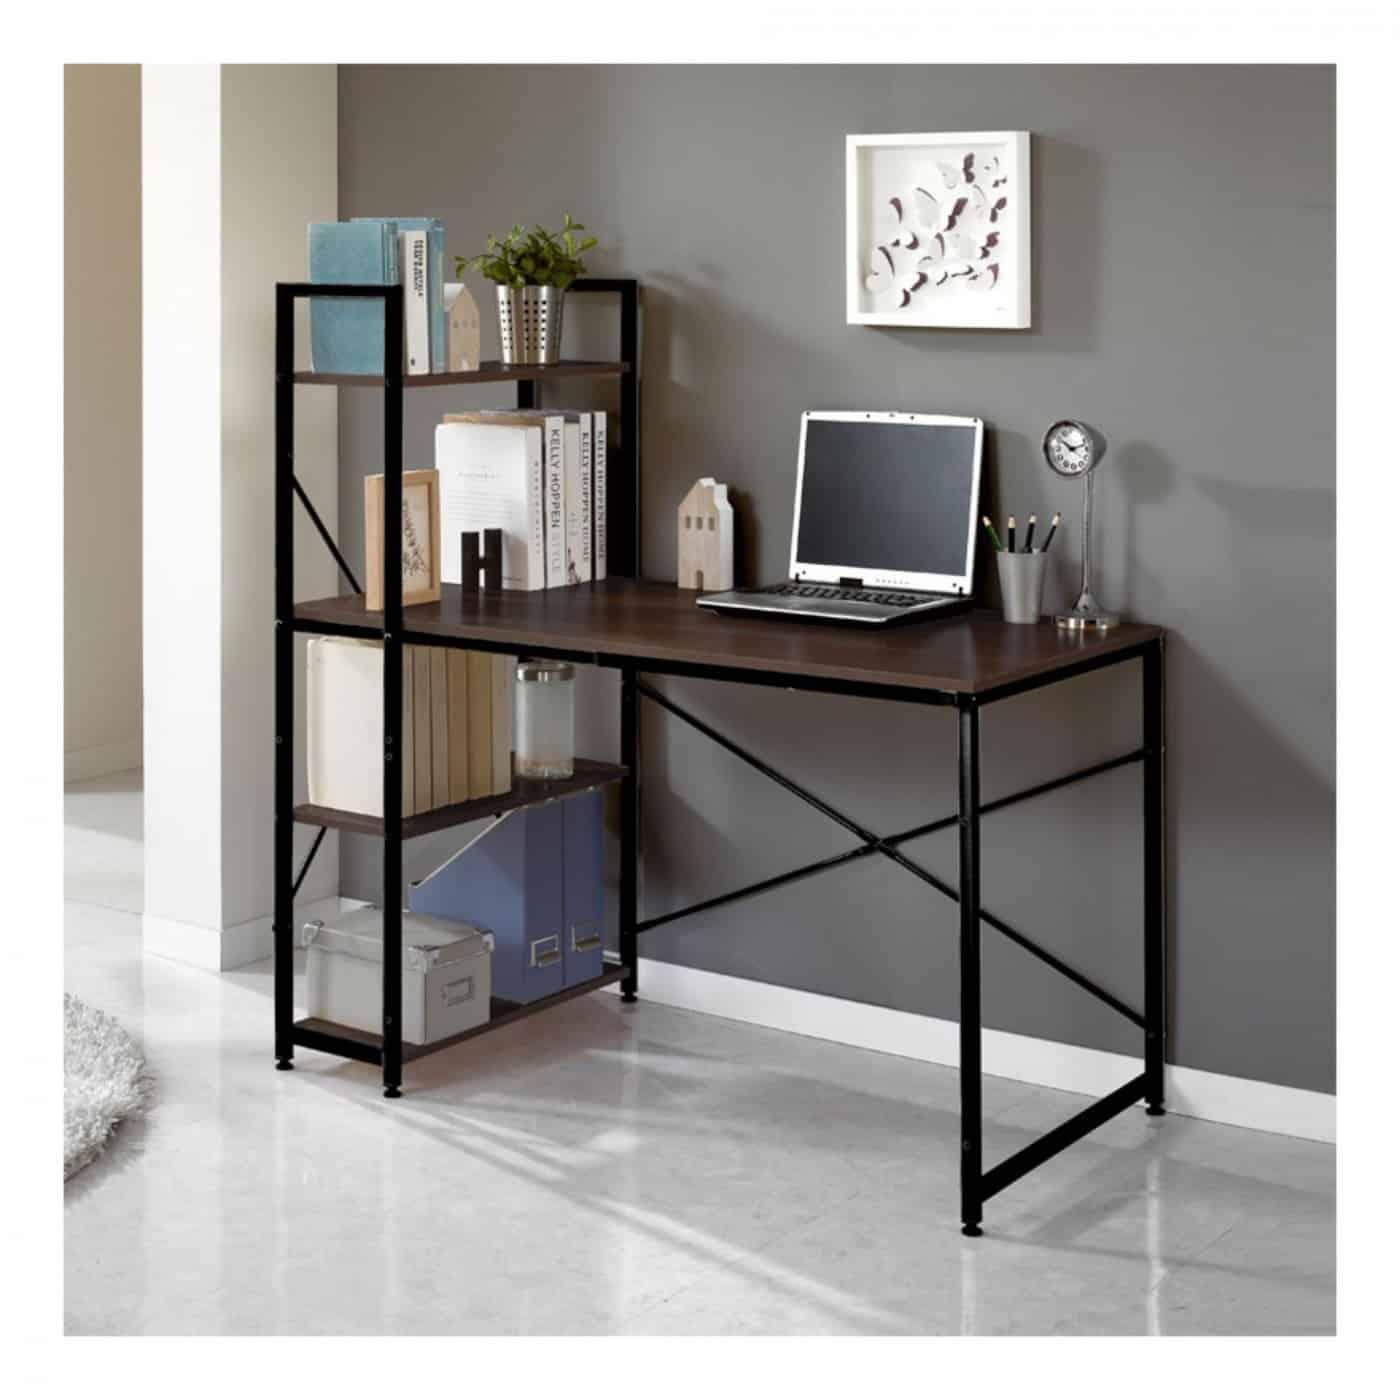 7 Mẫu bàn máy tính văn phòng độc đáo